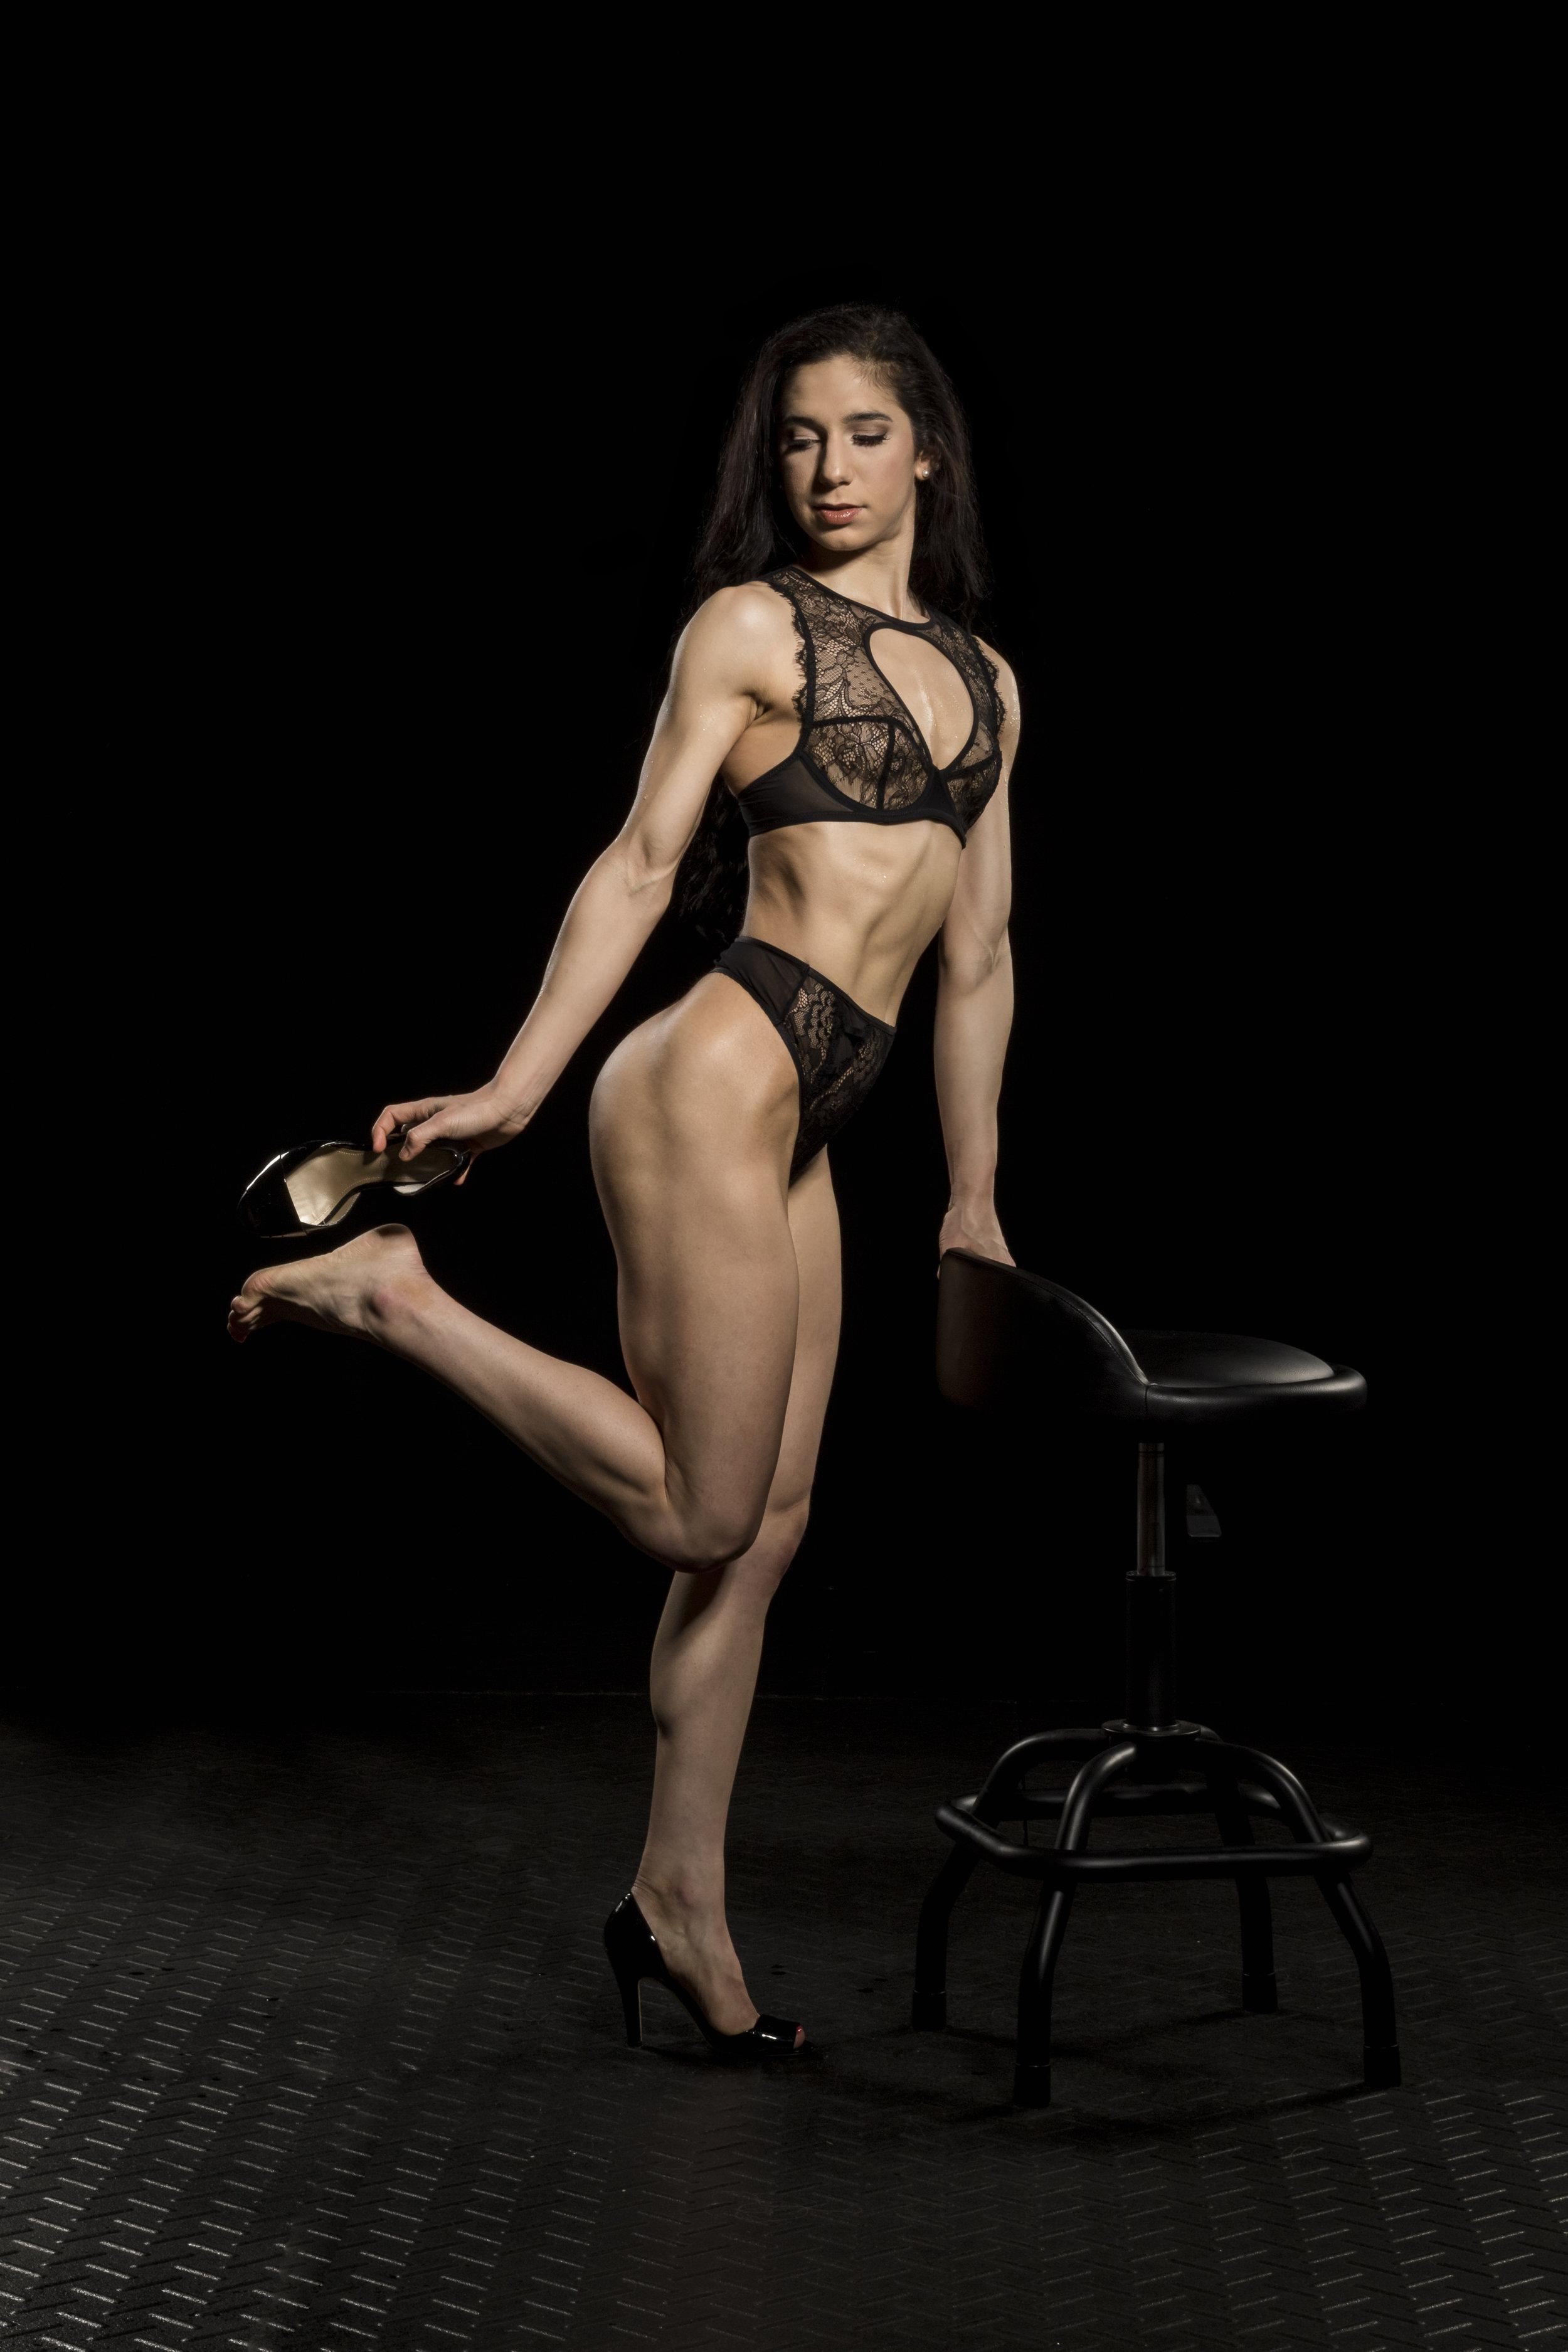 Posing in heels